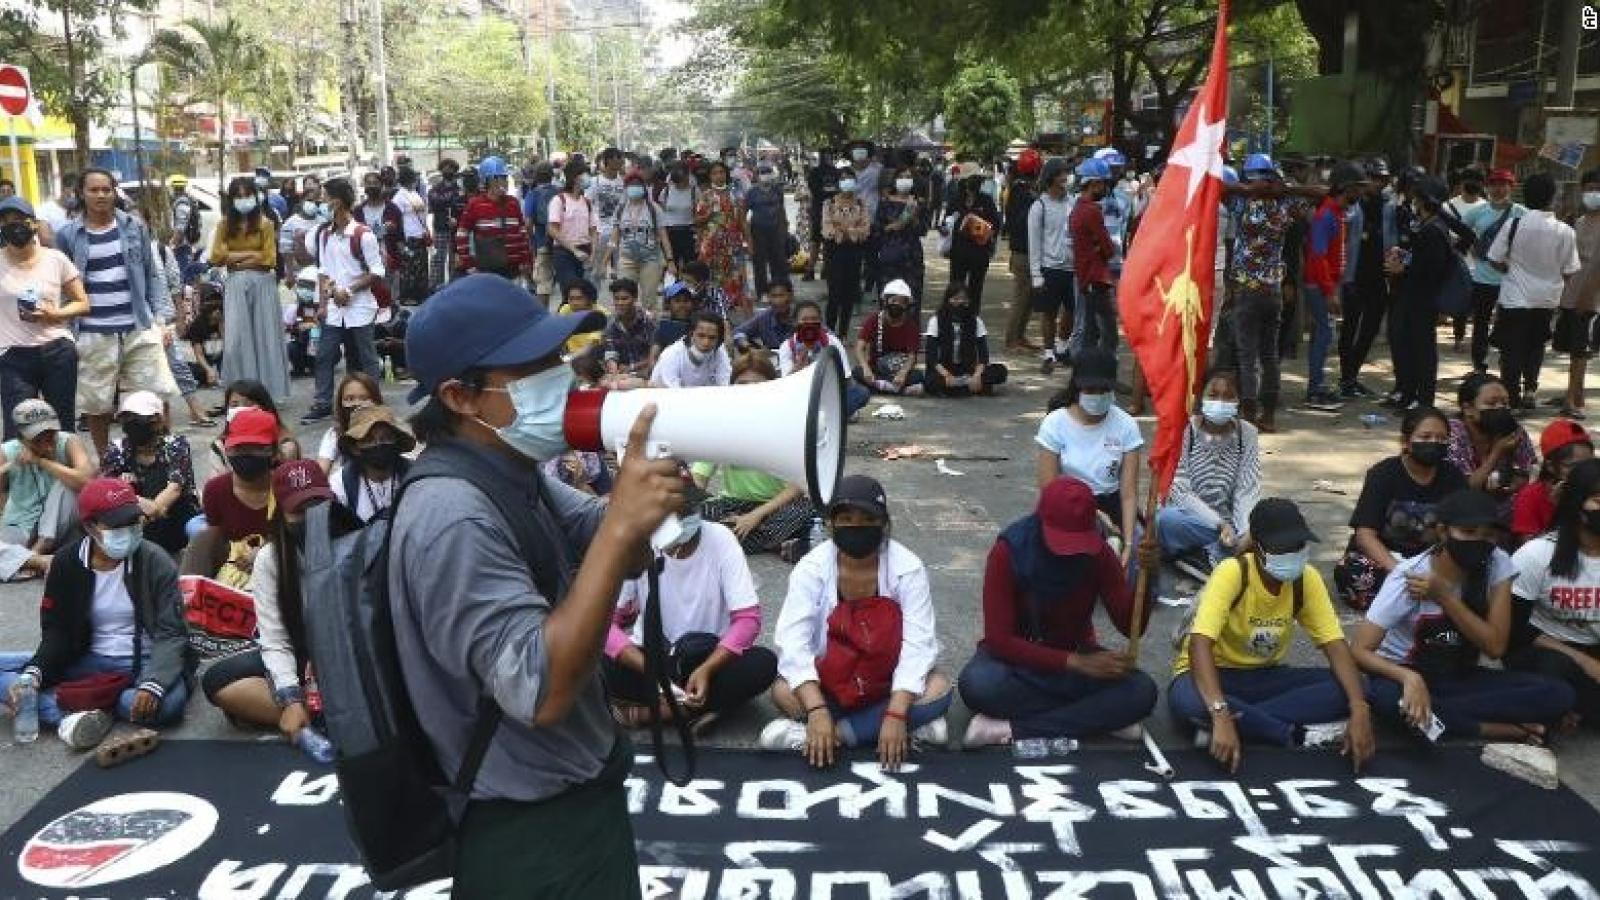 Trung Quốc: Trừng phạt Myanmar chỉ làm mâu thuẫn thêm nghiêm trọng